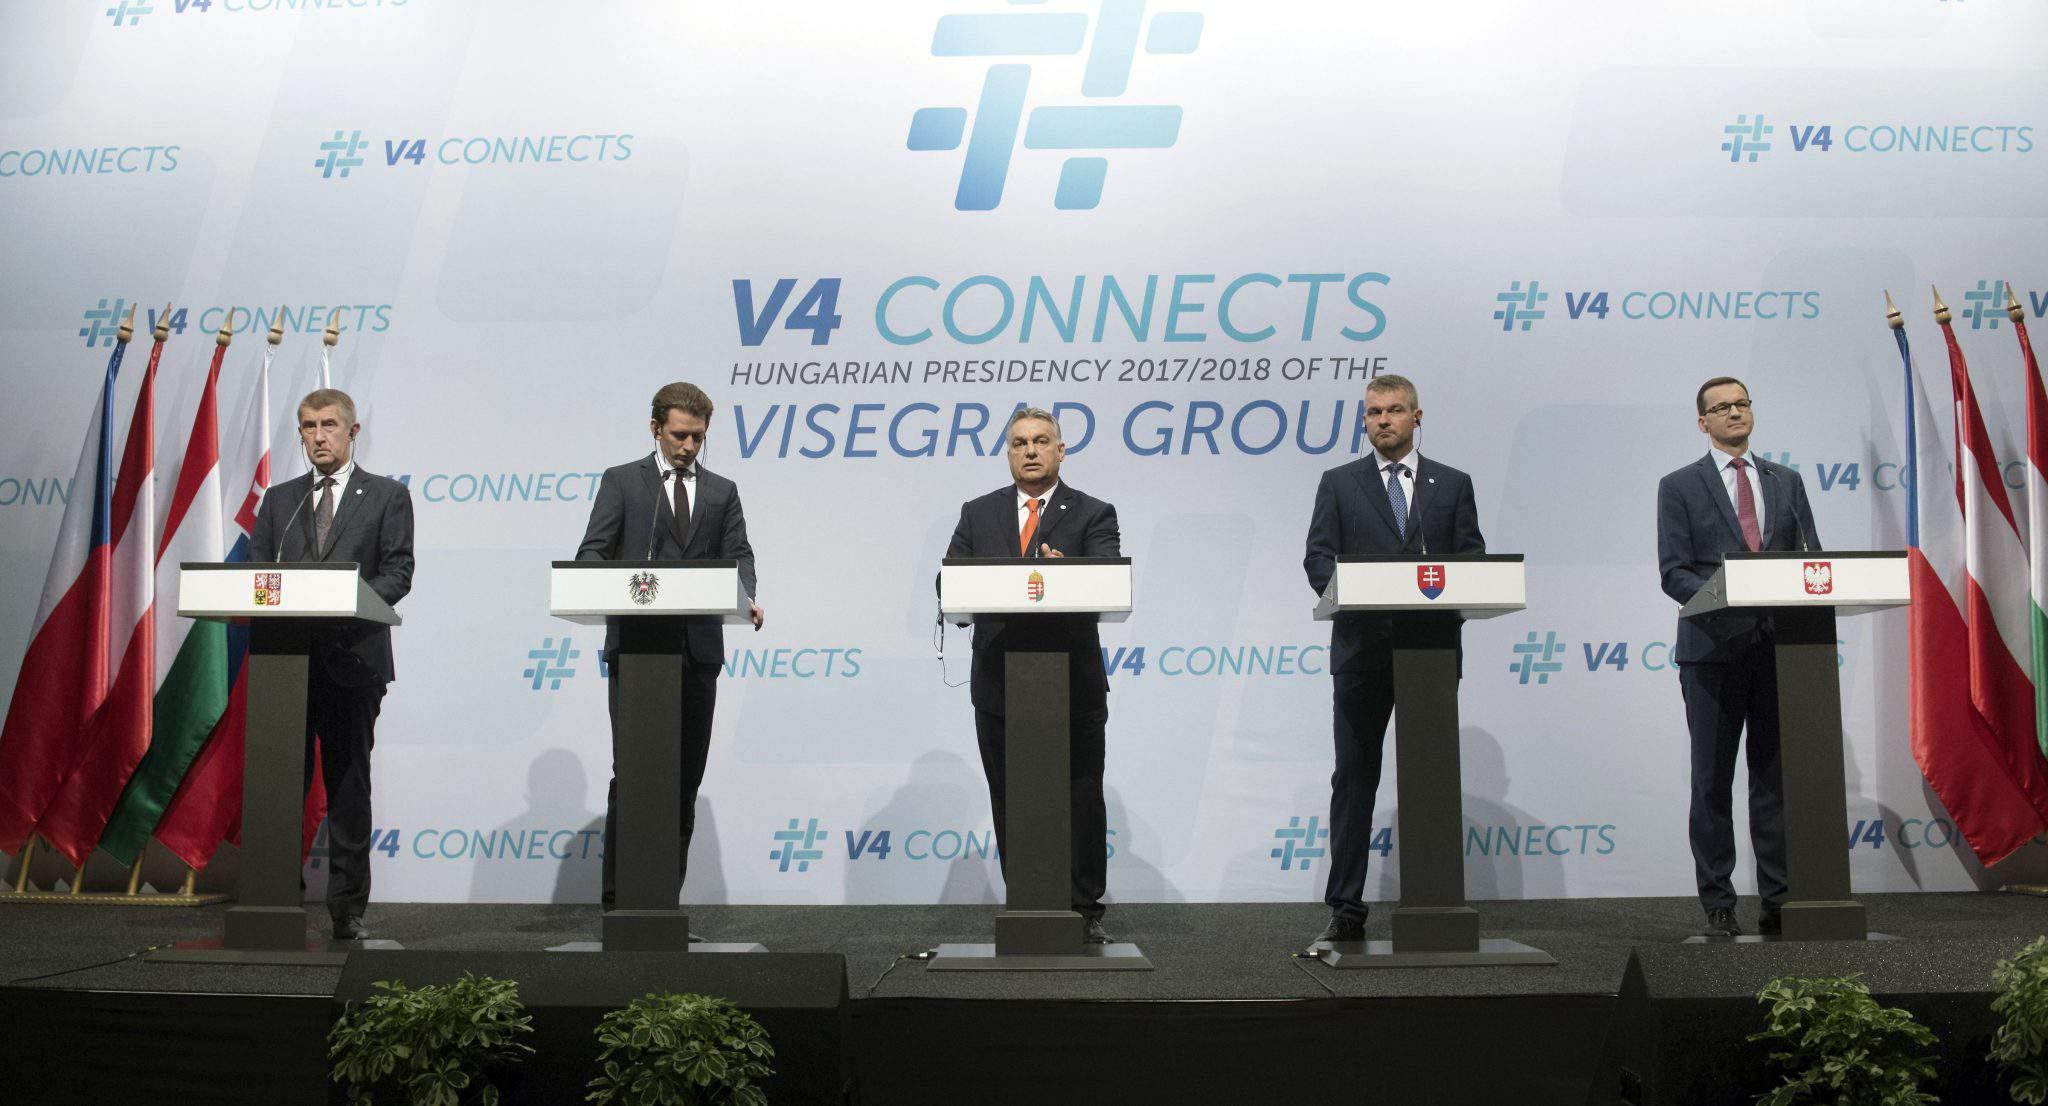 Visegrad Group V4